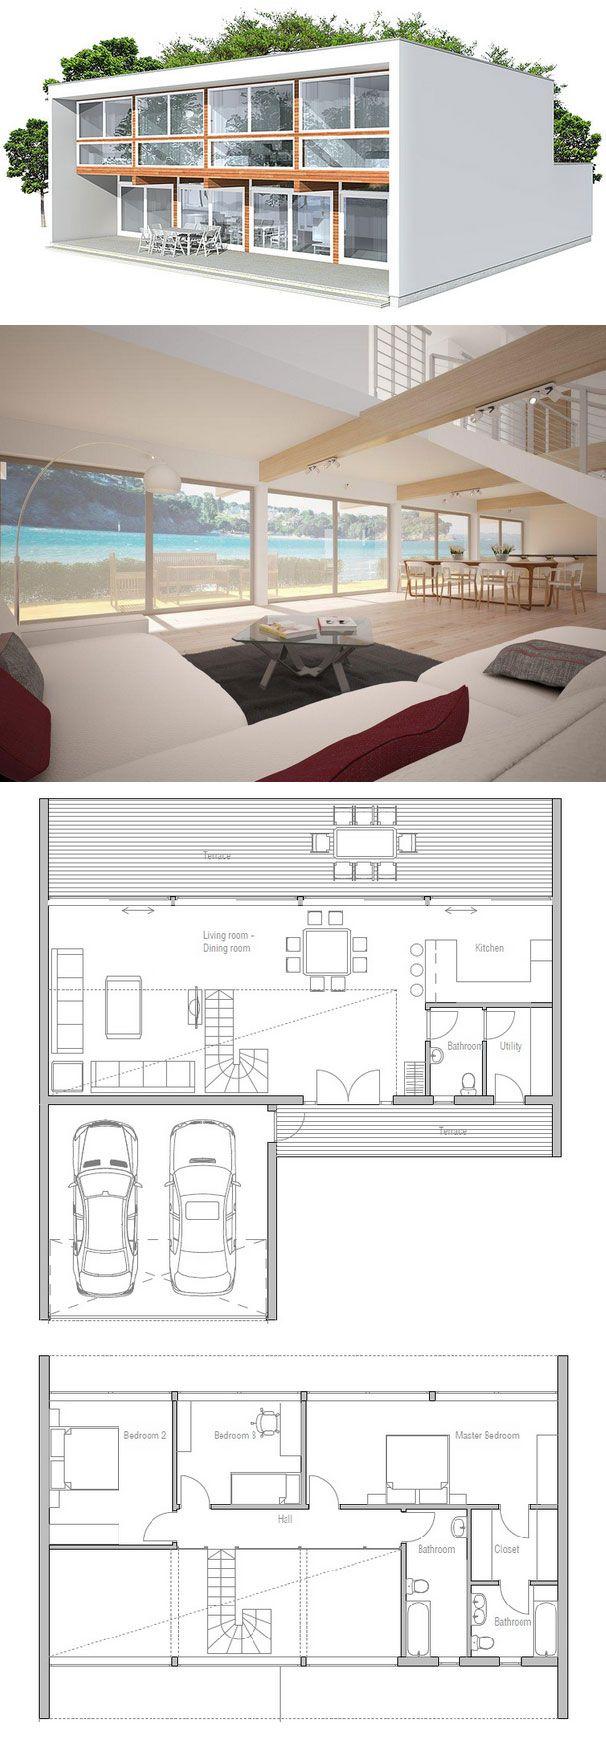 Casa Moderna. Arquitetura contemporânea. Casa de praia.